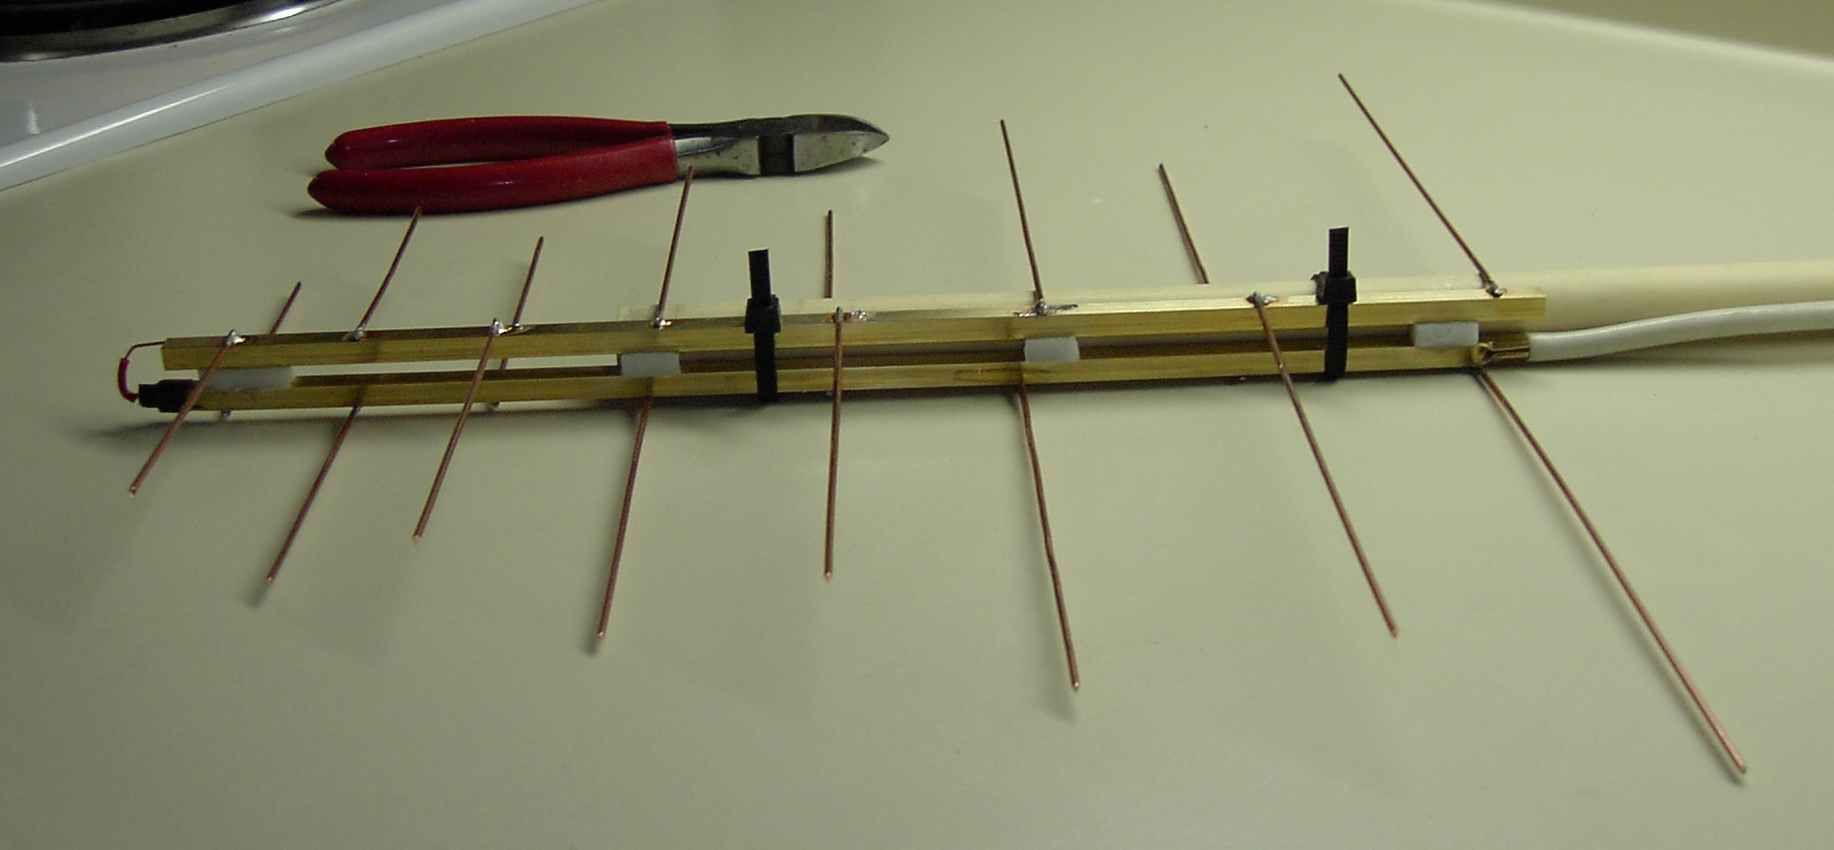 Логопериодическая антенна для т2 своими руками 65